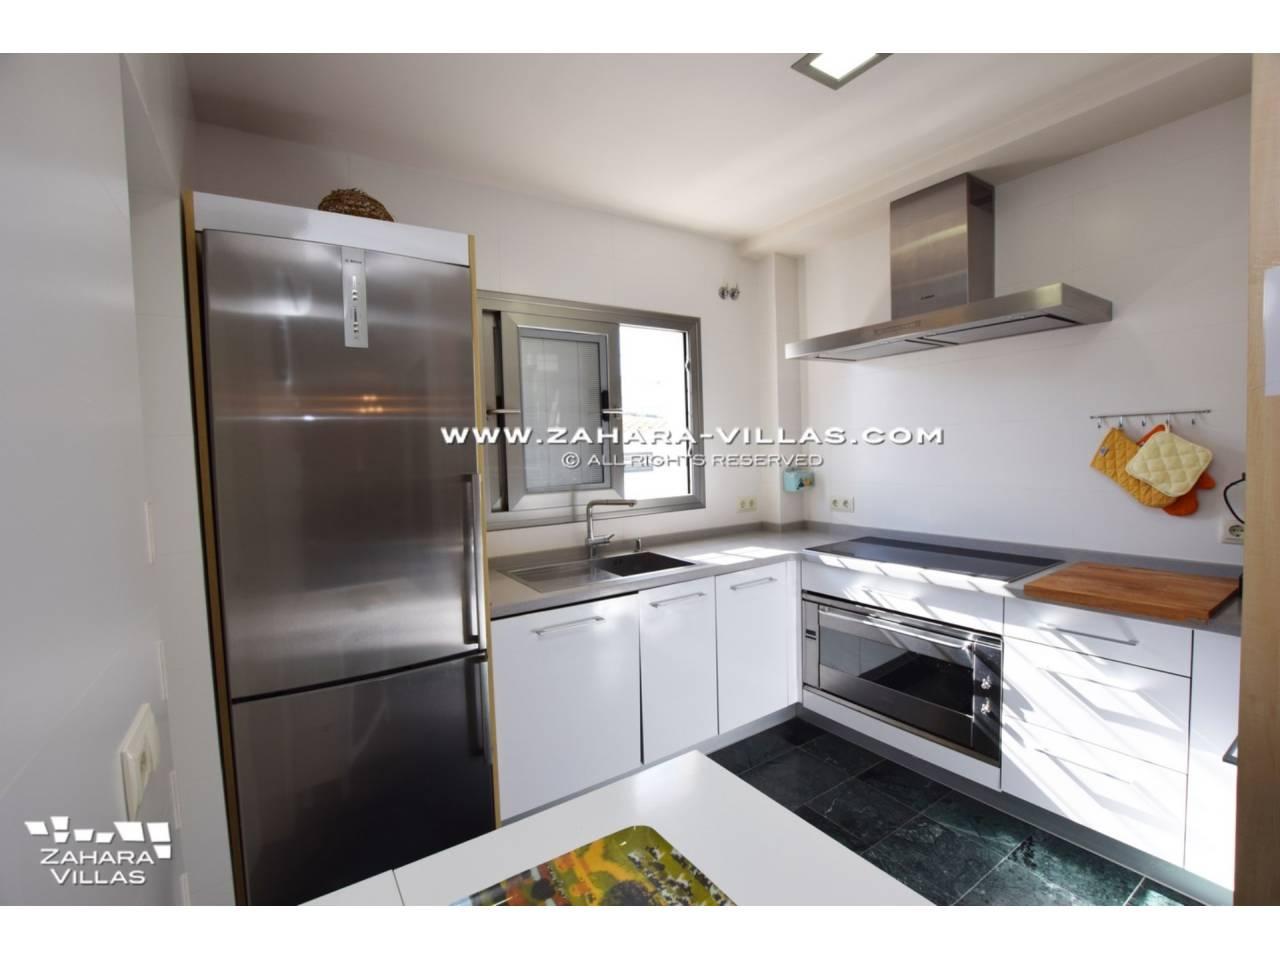 Imagen 27 de House for sale in Zahara de los Atunes